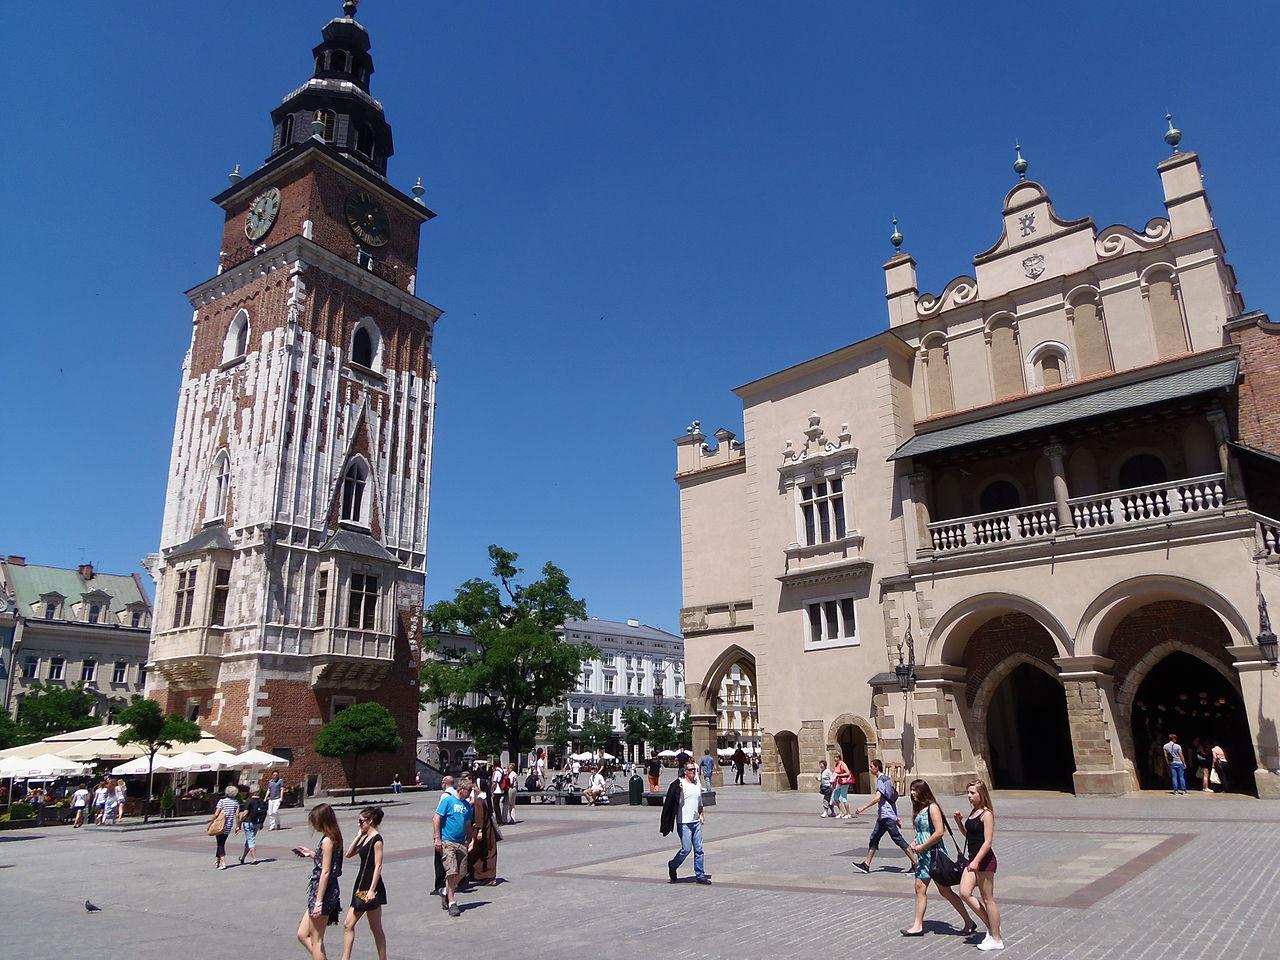 Рыночная площадь Кракова, ратушная башня